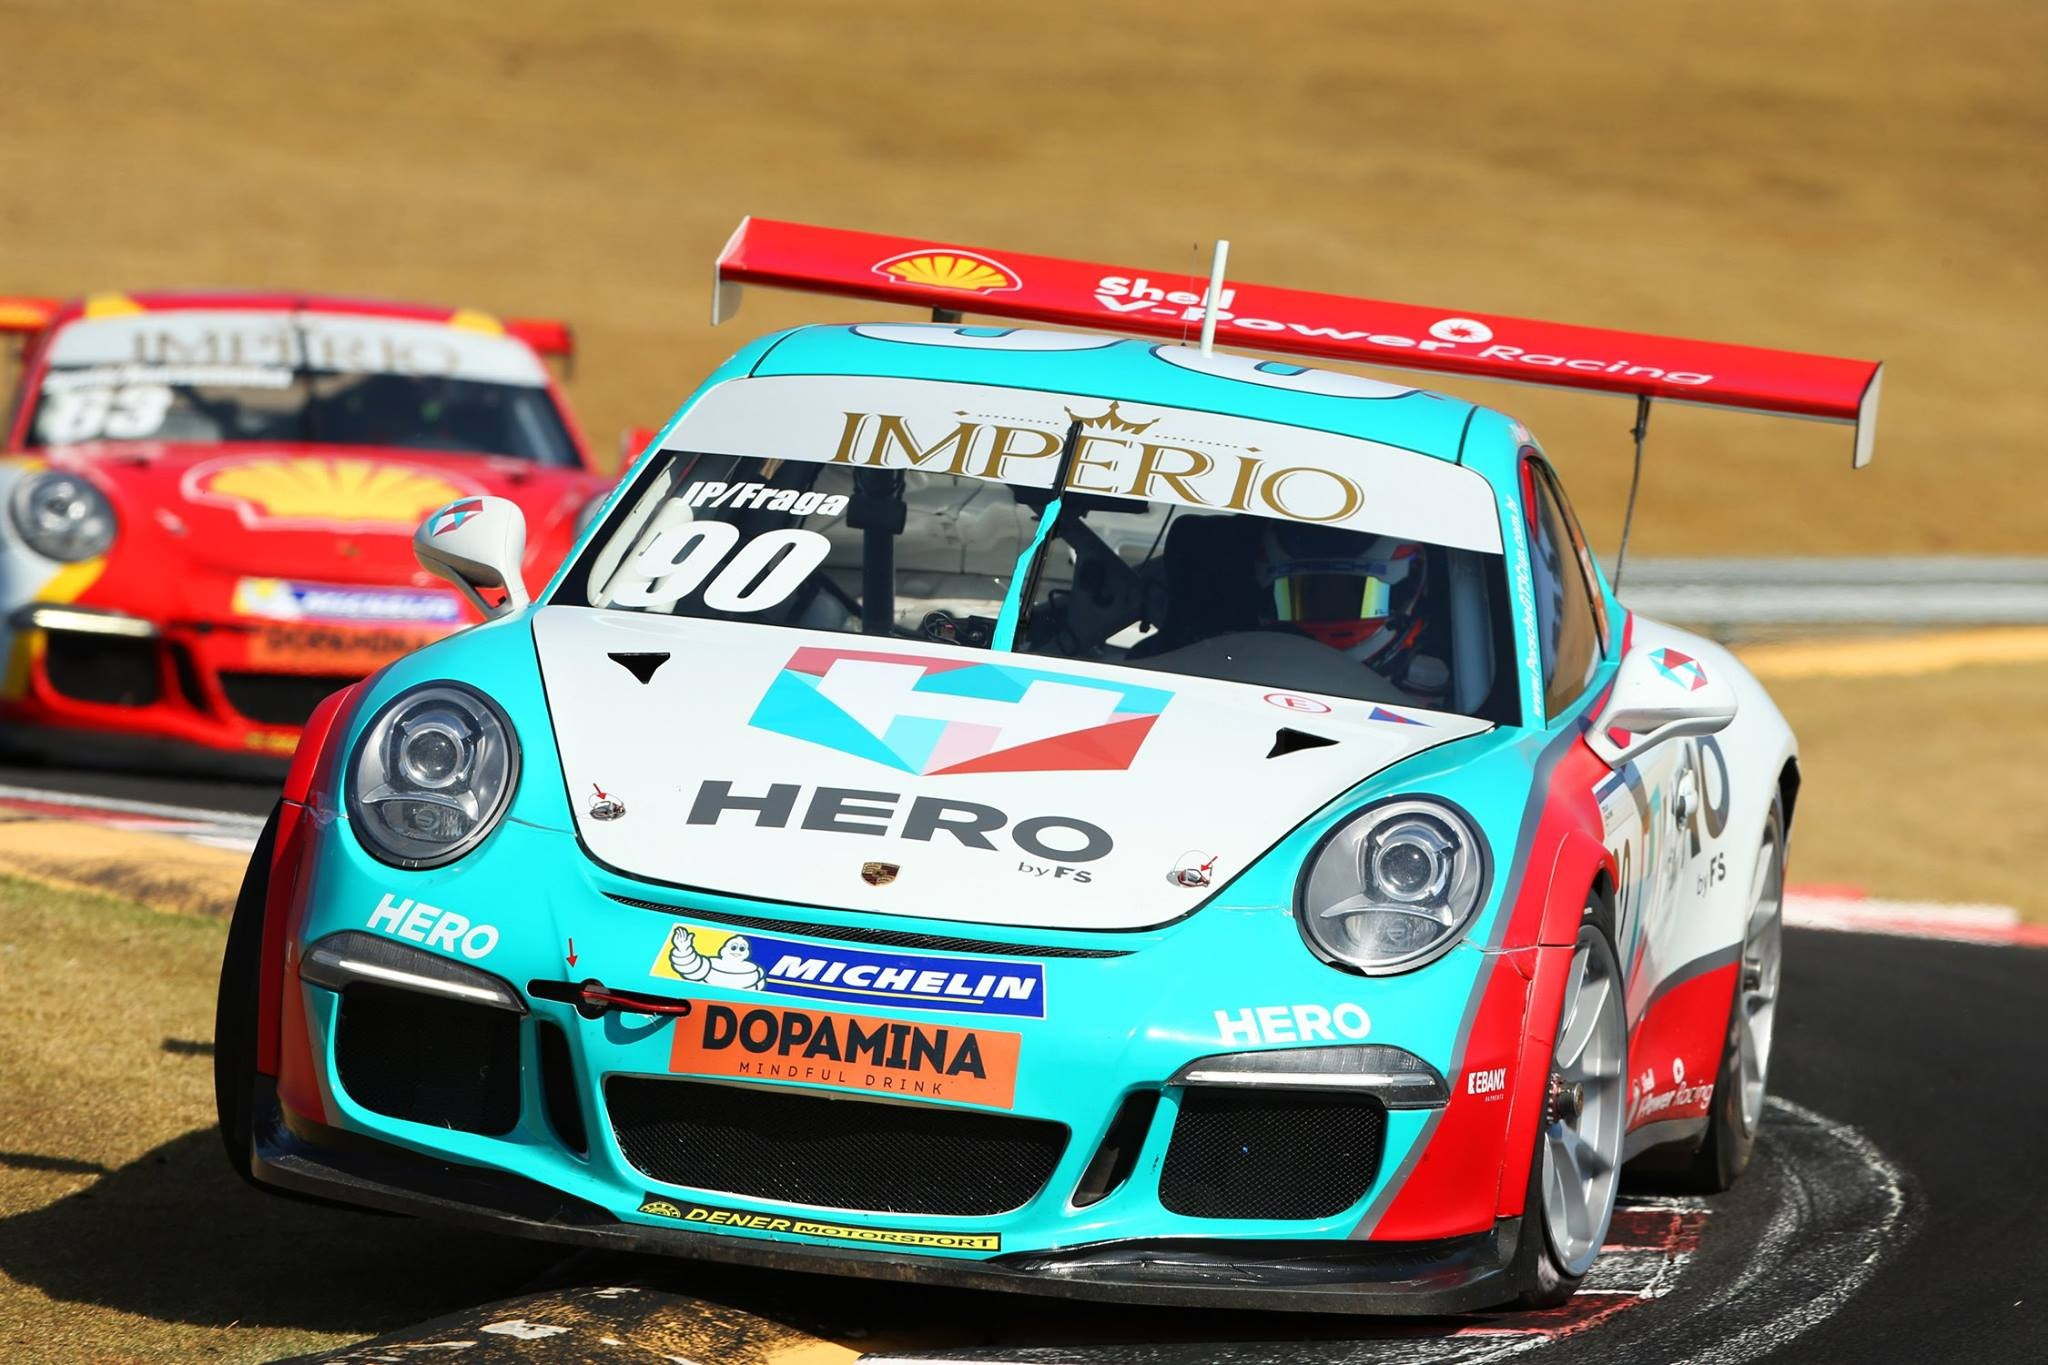 O Porsche da categoria CUP da dupla JP Mauro/Felipe Fraga #90 (Foto: Porsche Império GT3 Cup/Luca Bassani)